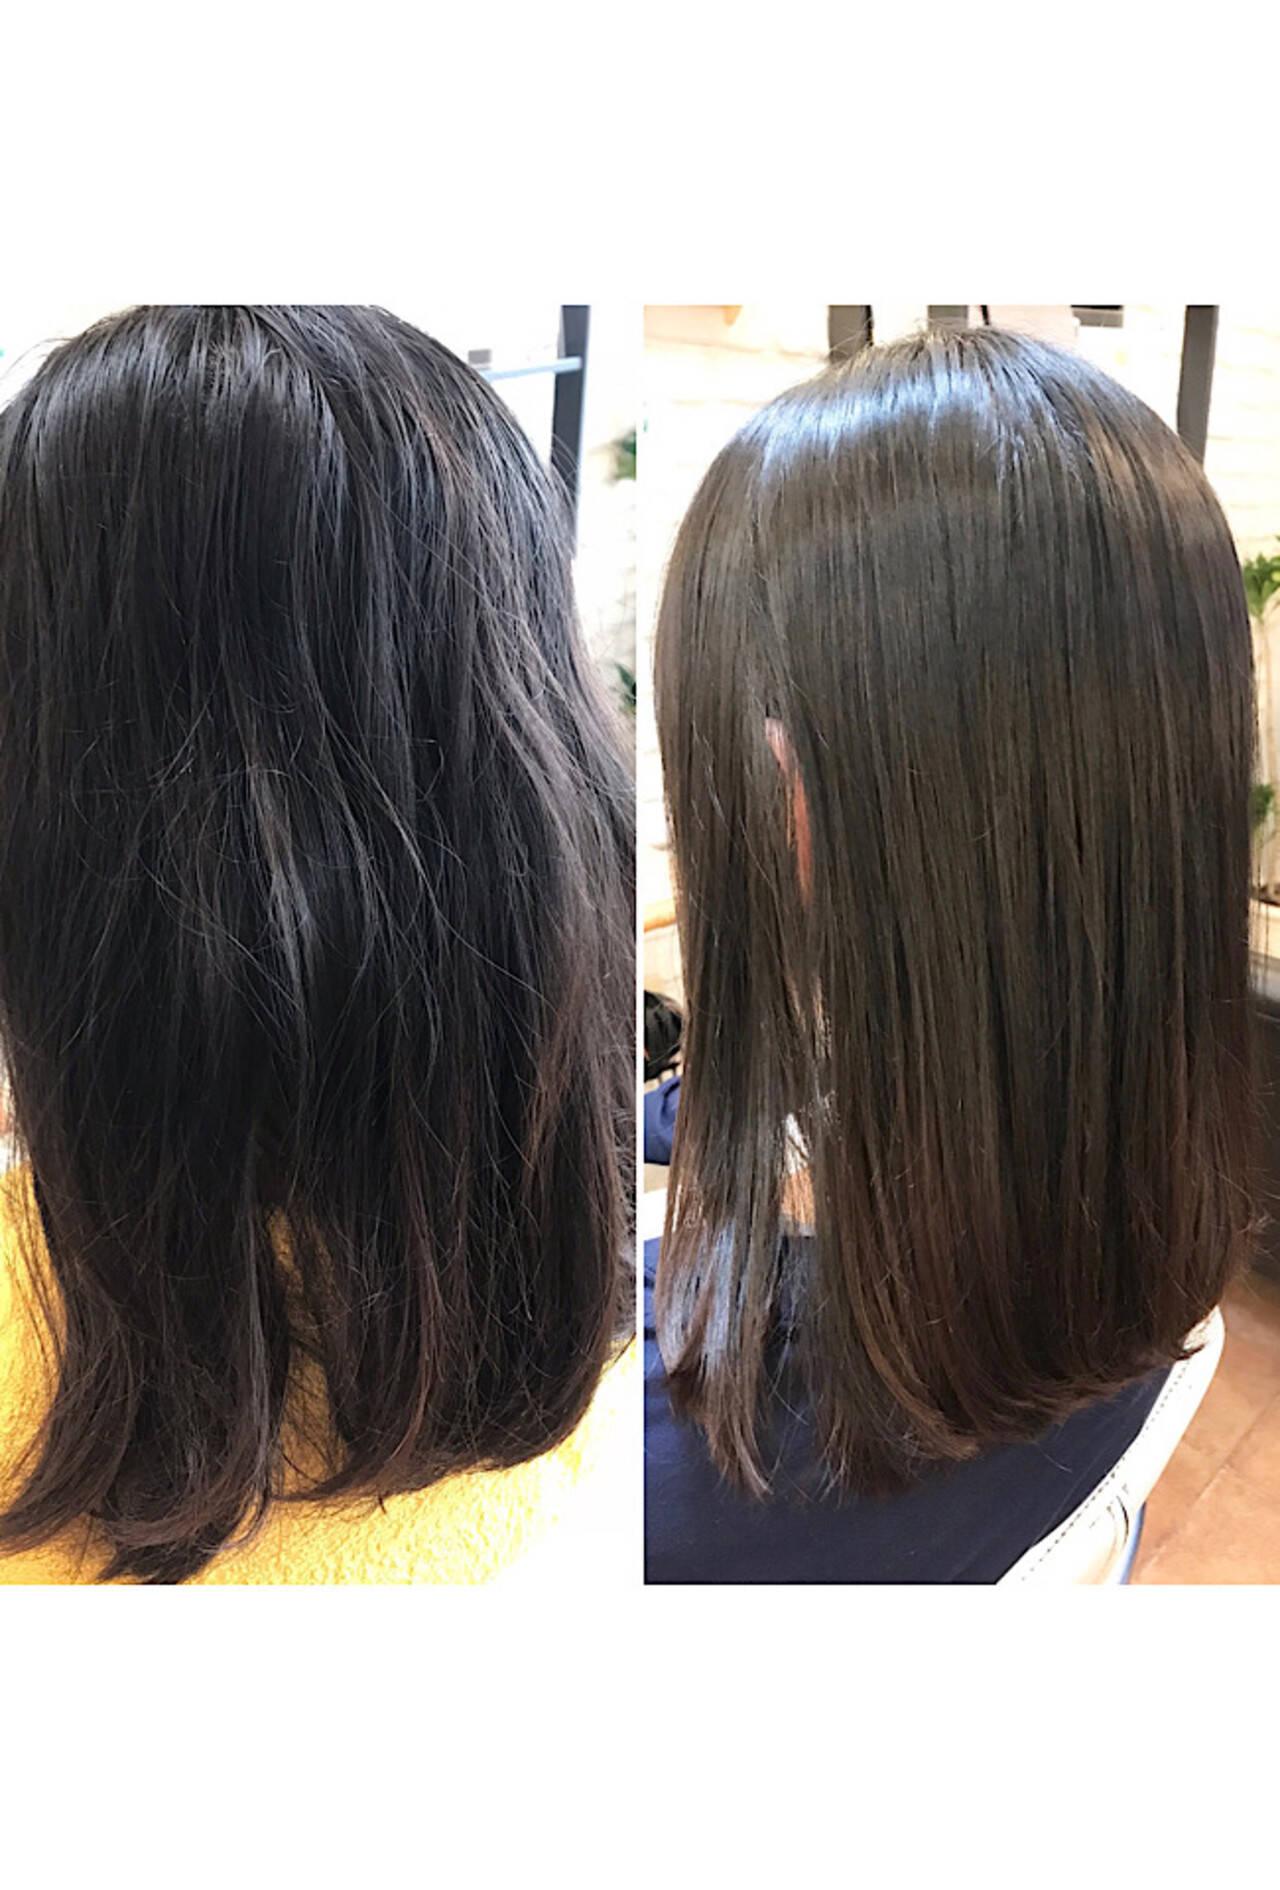 ナチュラル ロブ 縮毛矯正ストカール ロングヘアスタイルや髪型の写真・画像